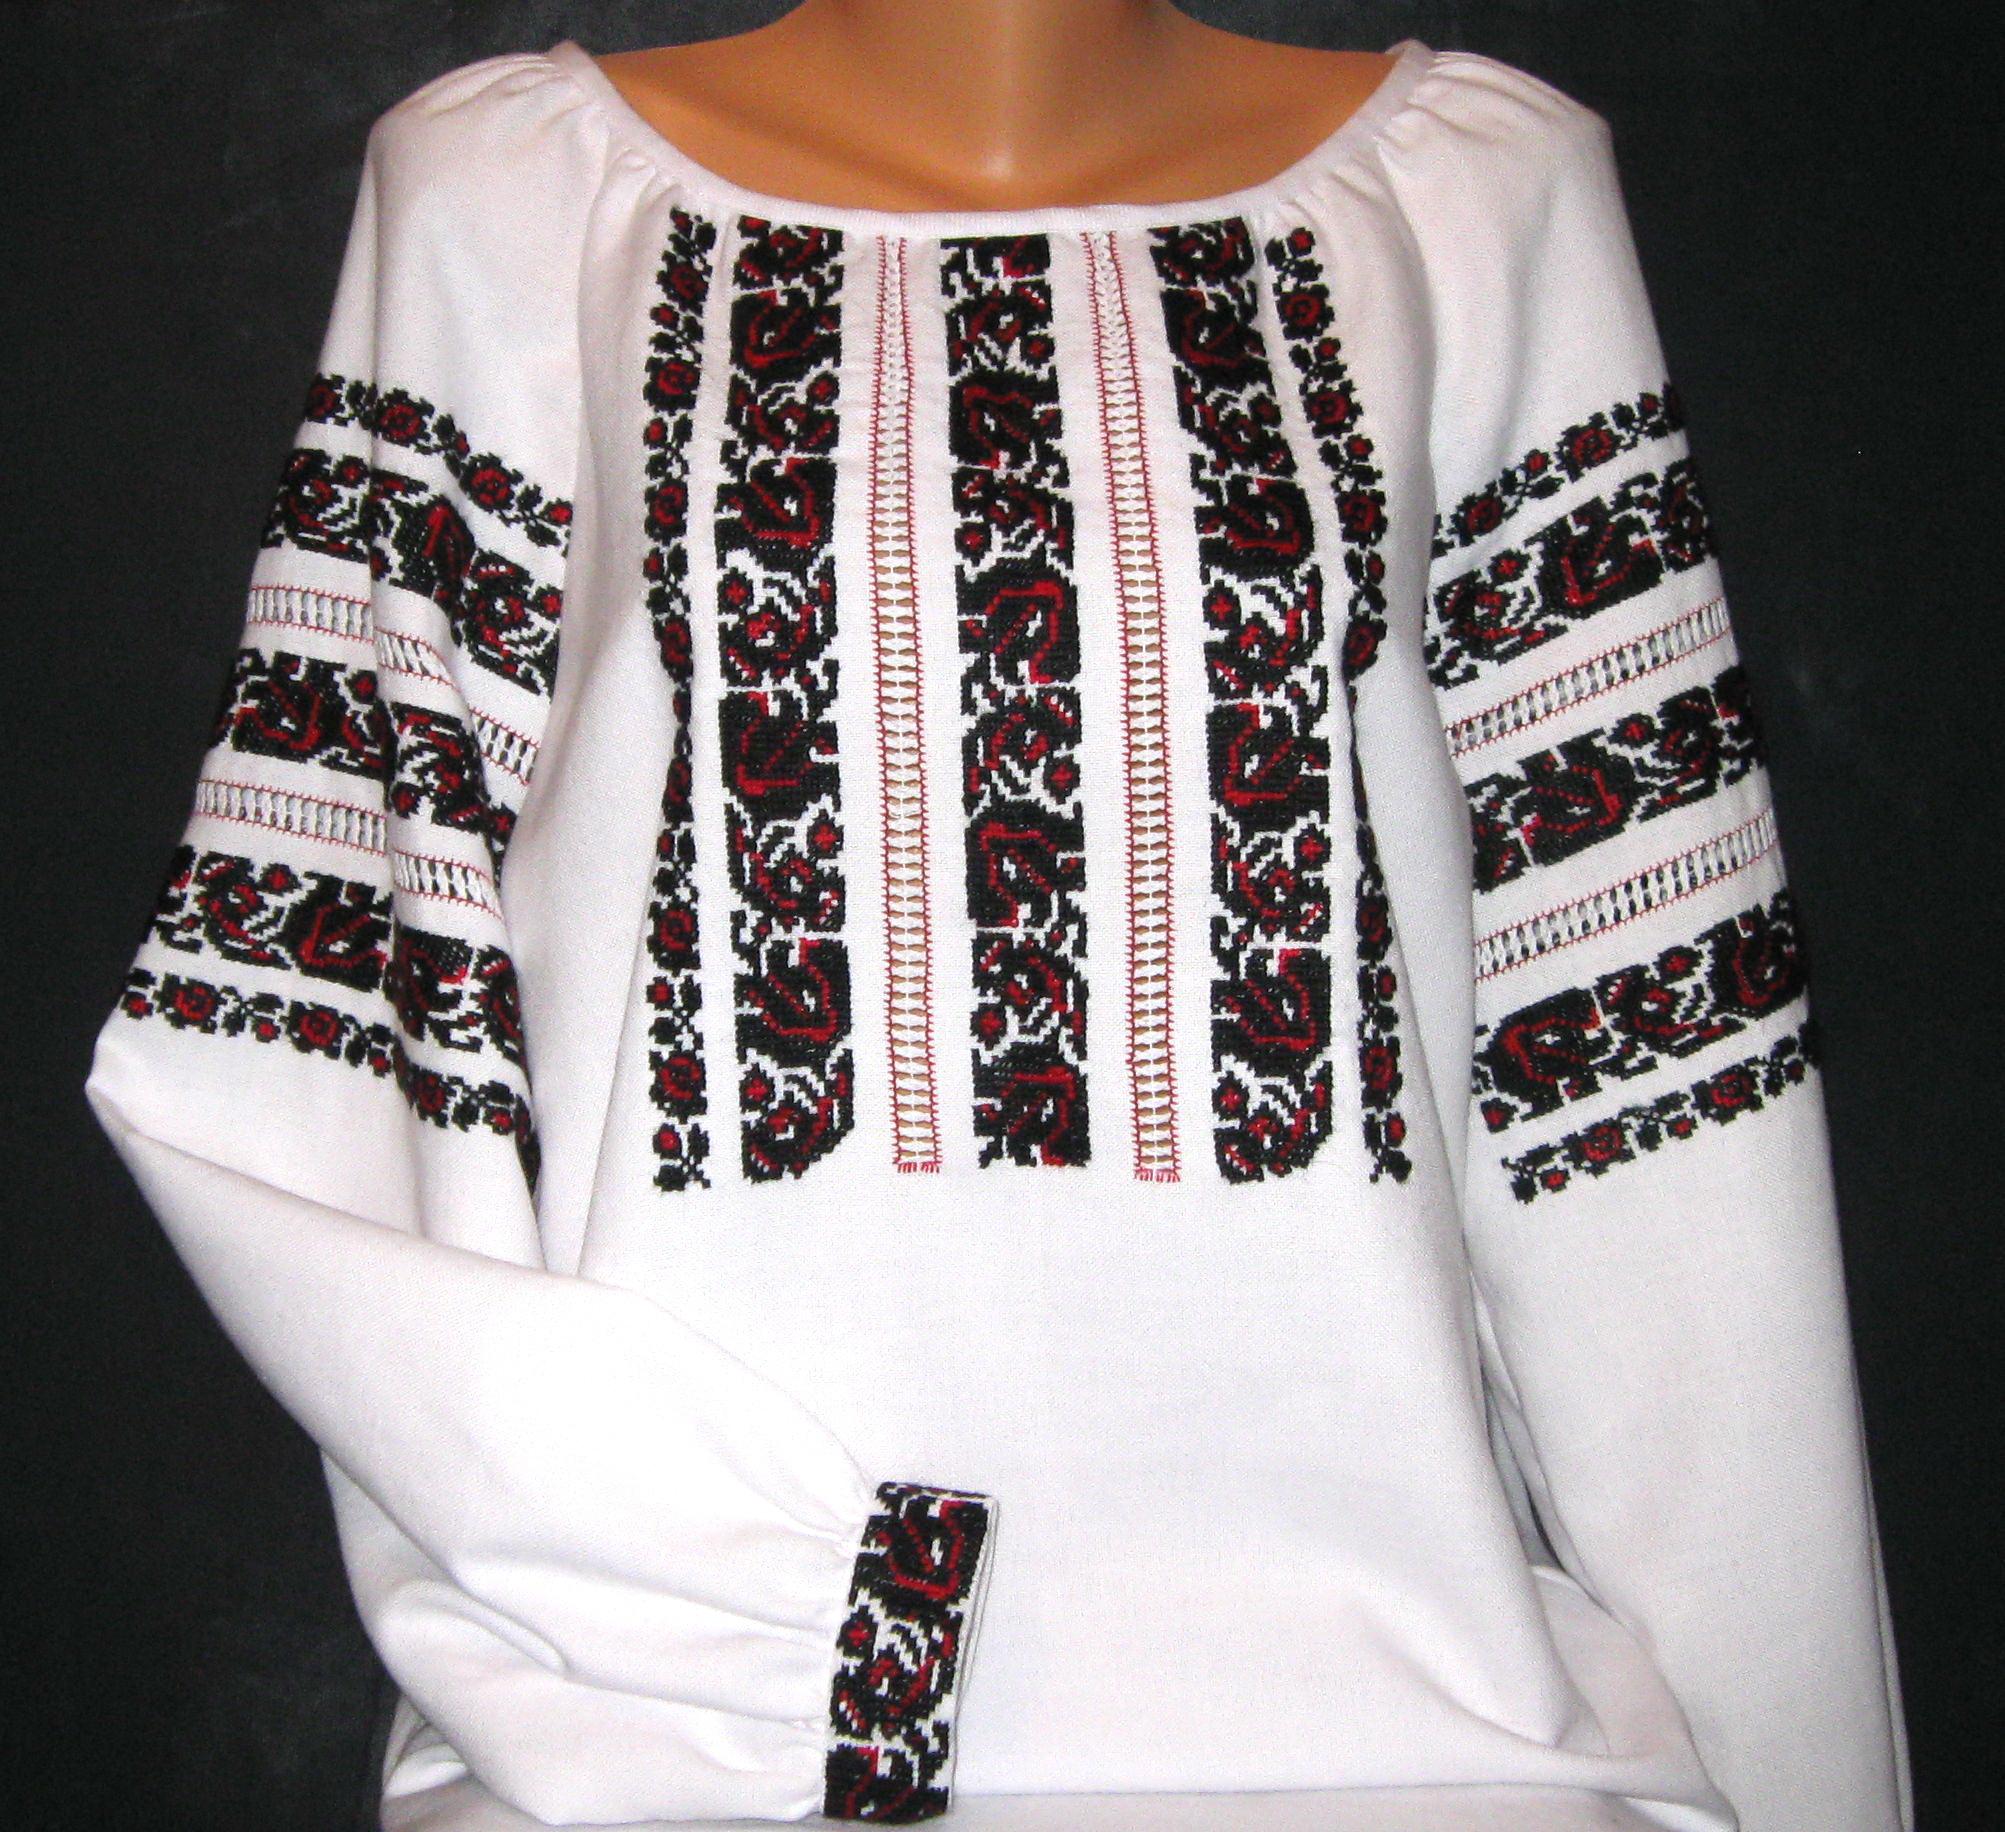 a08ab0cb6b17ec Сучасна стильна жіноча вишиванка - Фотогалерея - Вишиванки ручної ...